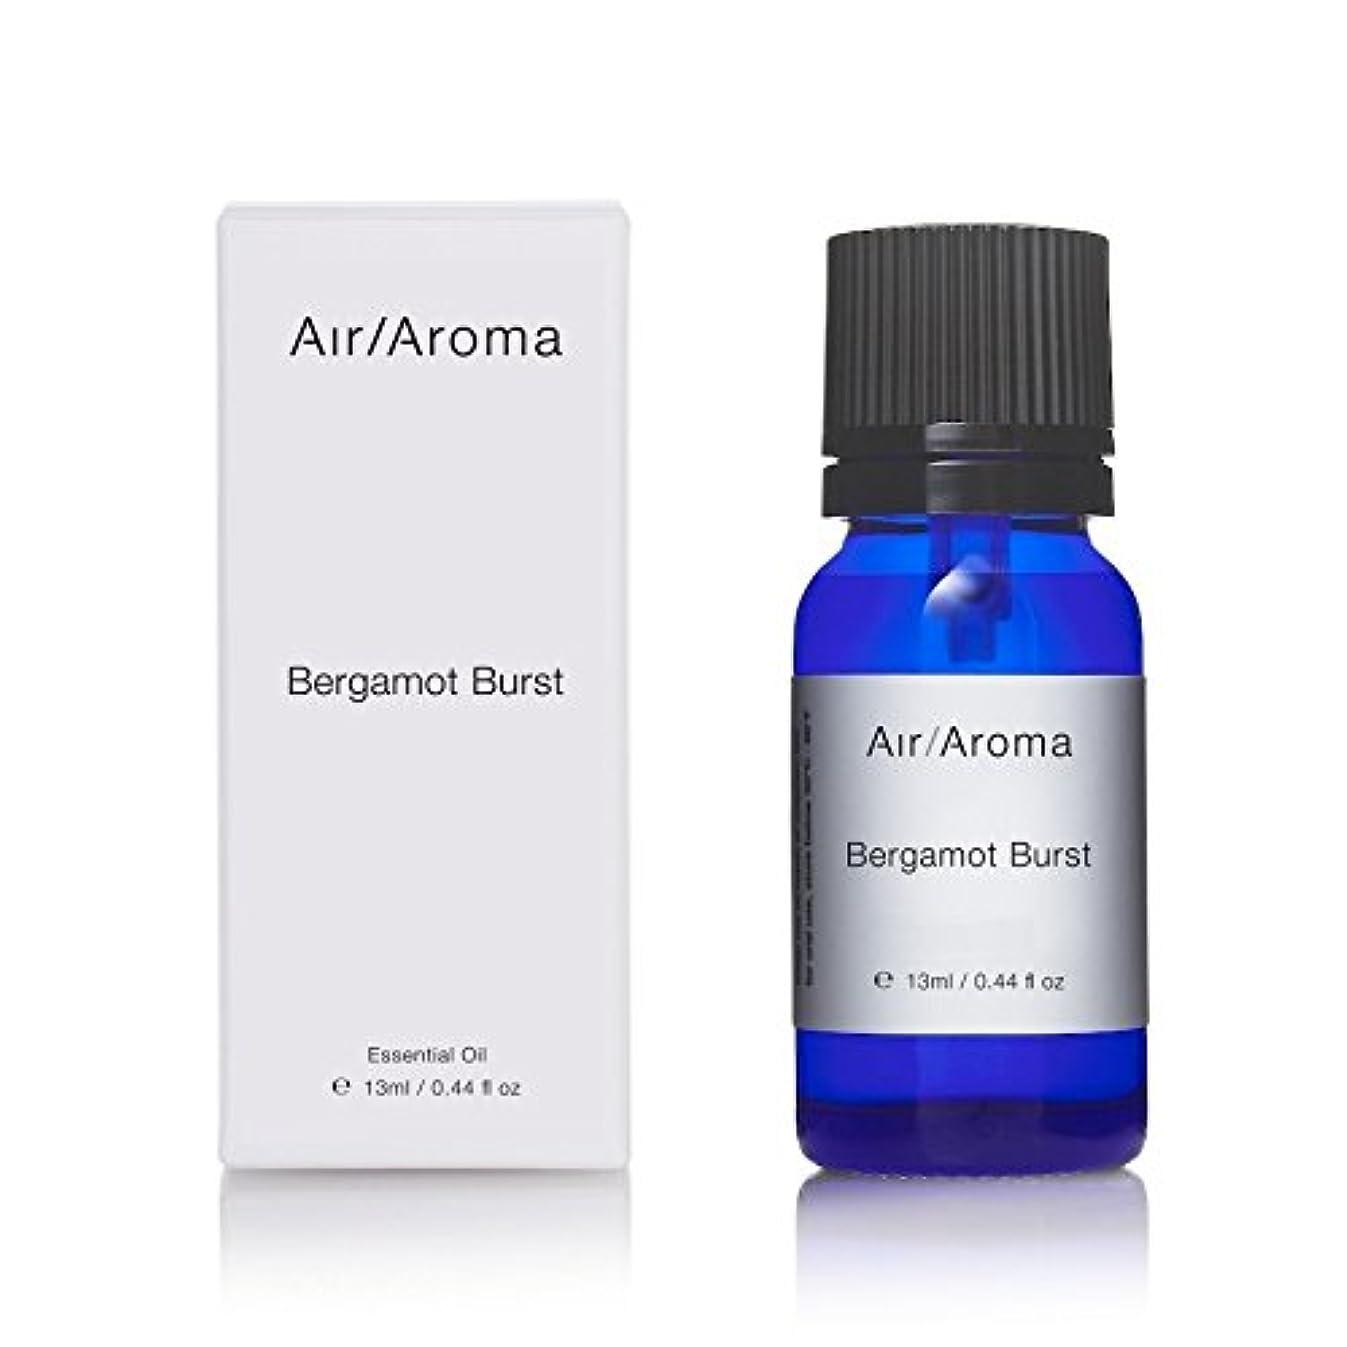 潤滑する分類参照エアアロマ bergamot burst (ベルガモットバースト) 13ml